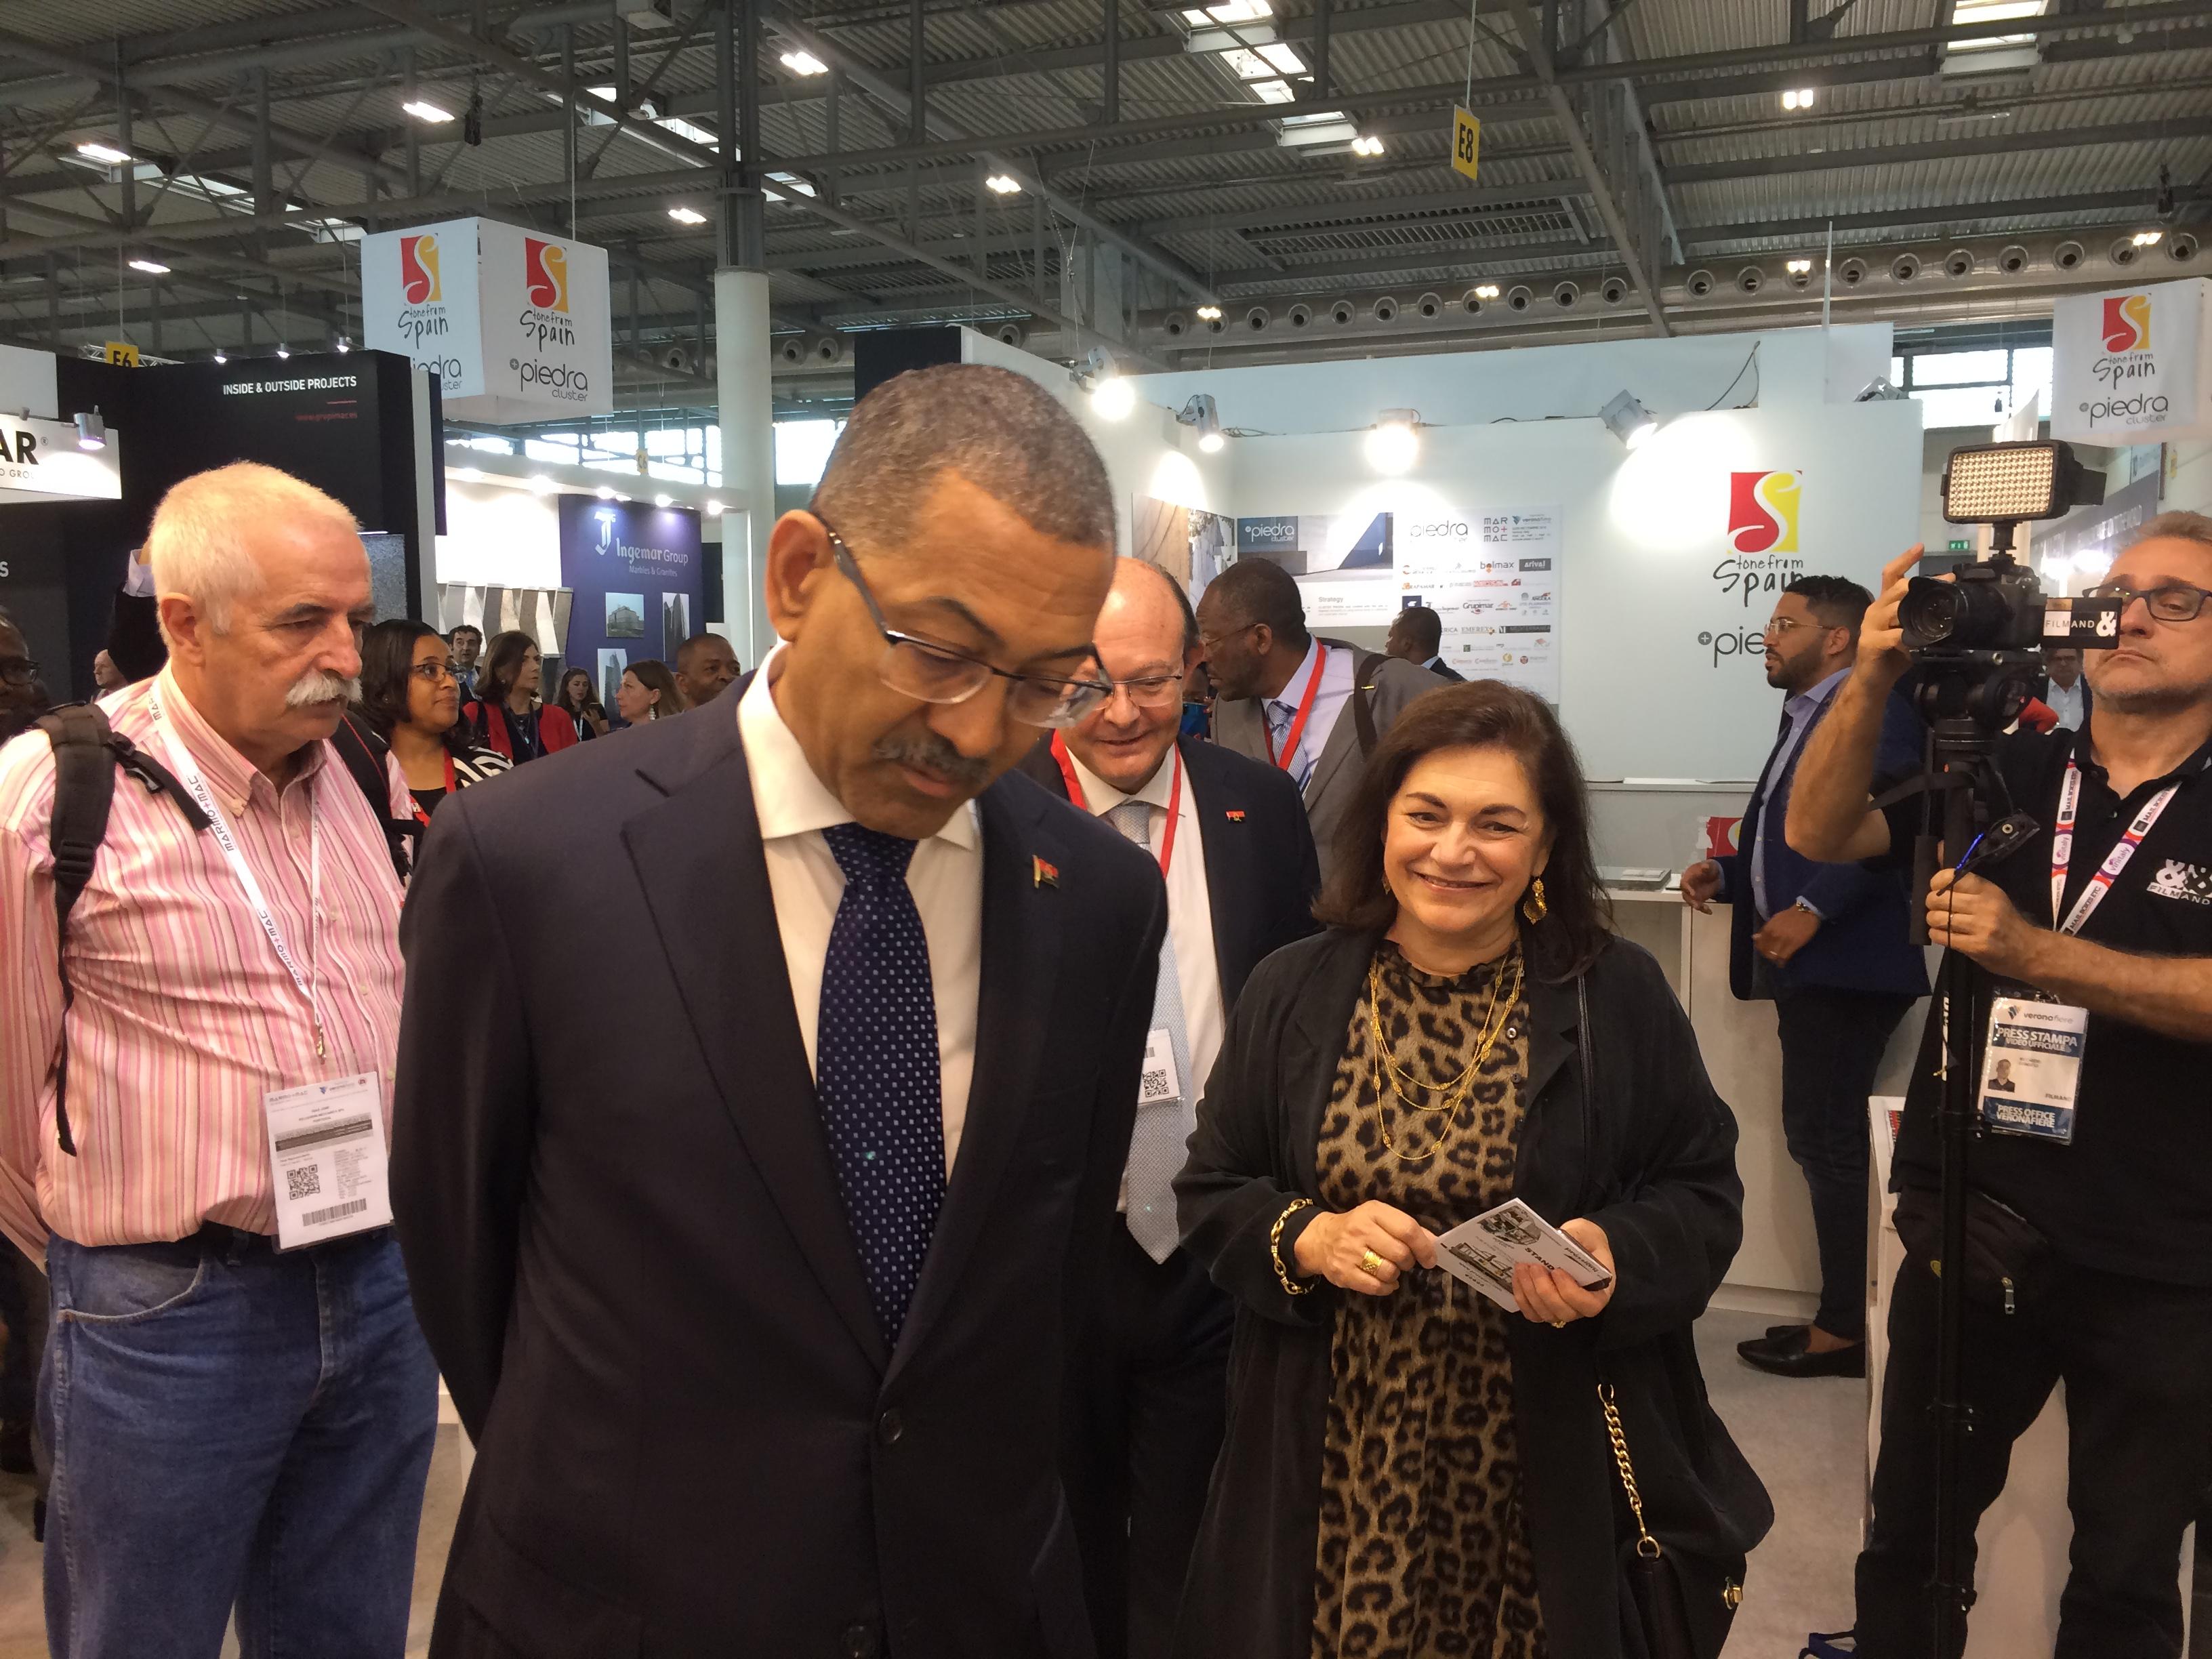 Ministro dos Recursos Minerais e Petróleos de Angola, Diamantino Pedro Azevedo, e a Presidente do LNEG, Teresa Ponce de Leão